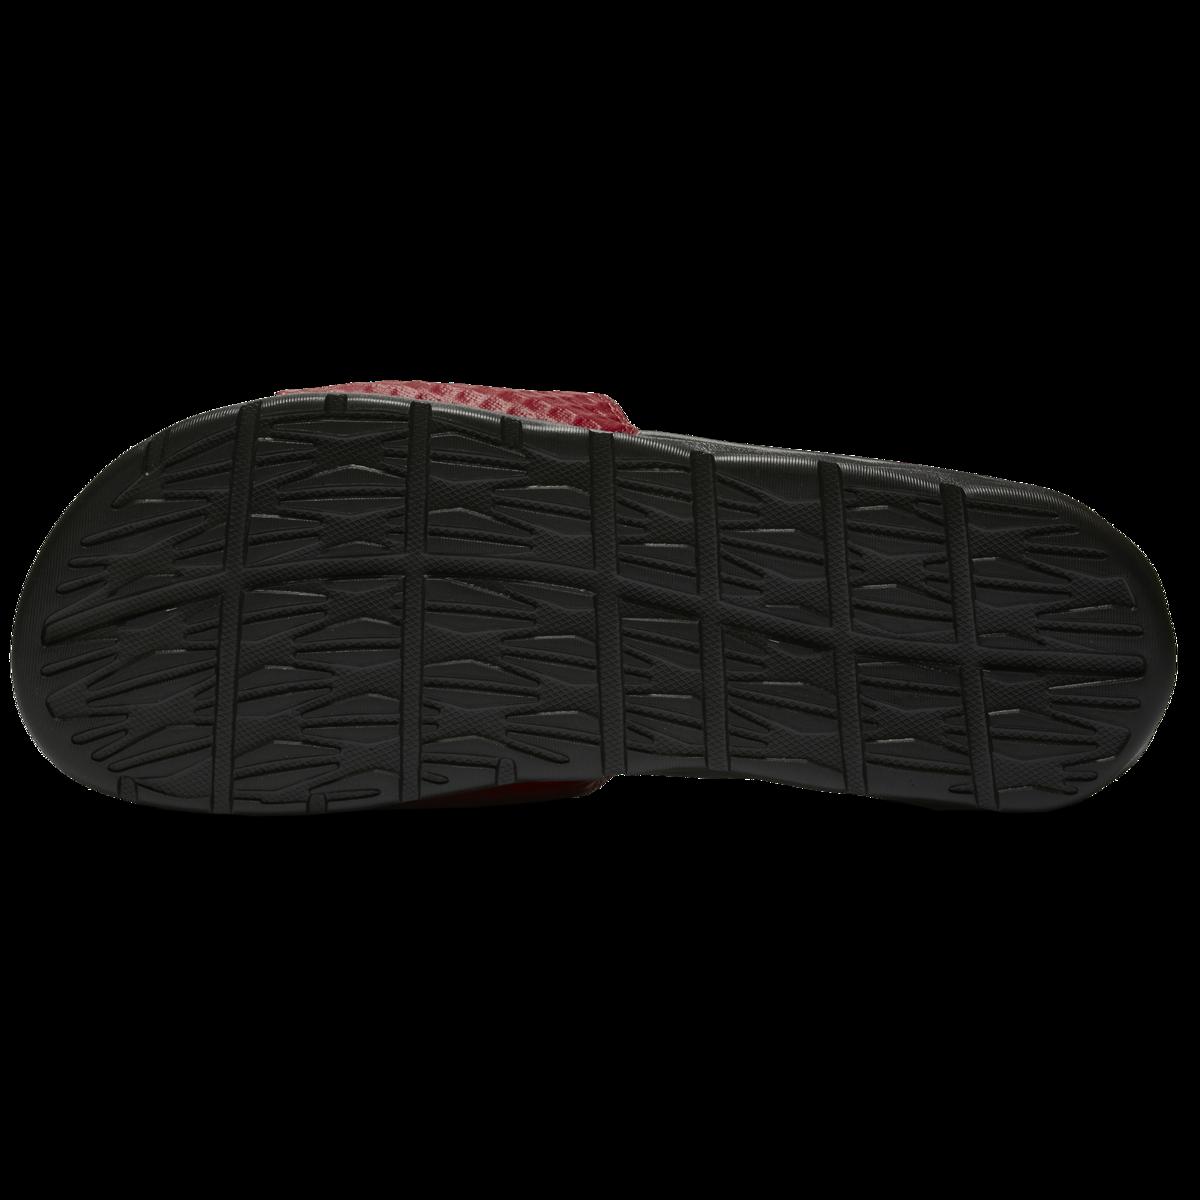 huge discount c8cfe a815b Nike Benassi Solarsoft Slide 2 Men s Slides - 705474-602